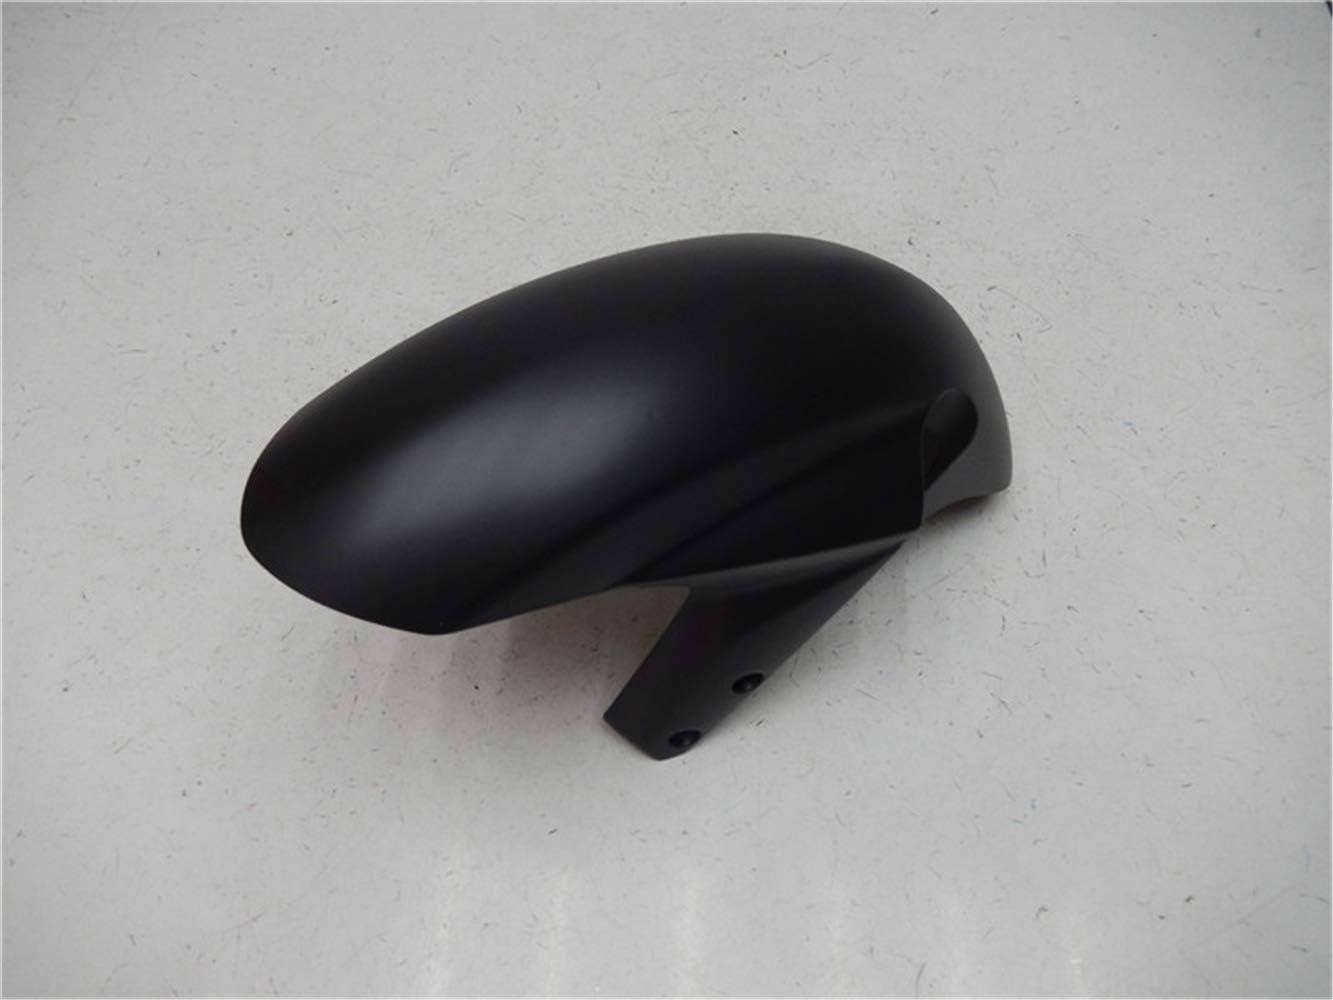 New Glossy Black Fairing Fit for SUZUKI 2003 2004 GSXR 1000 Injection Mold ABS Plastics Aftermarket Bodywork Bodyframe GSX-R 03 04